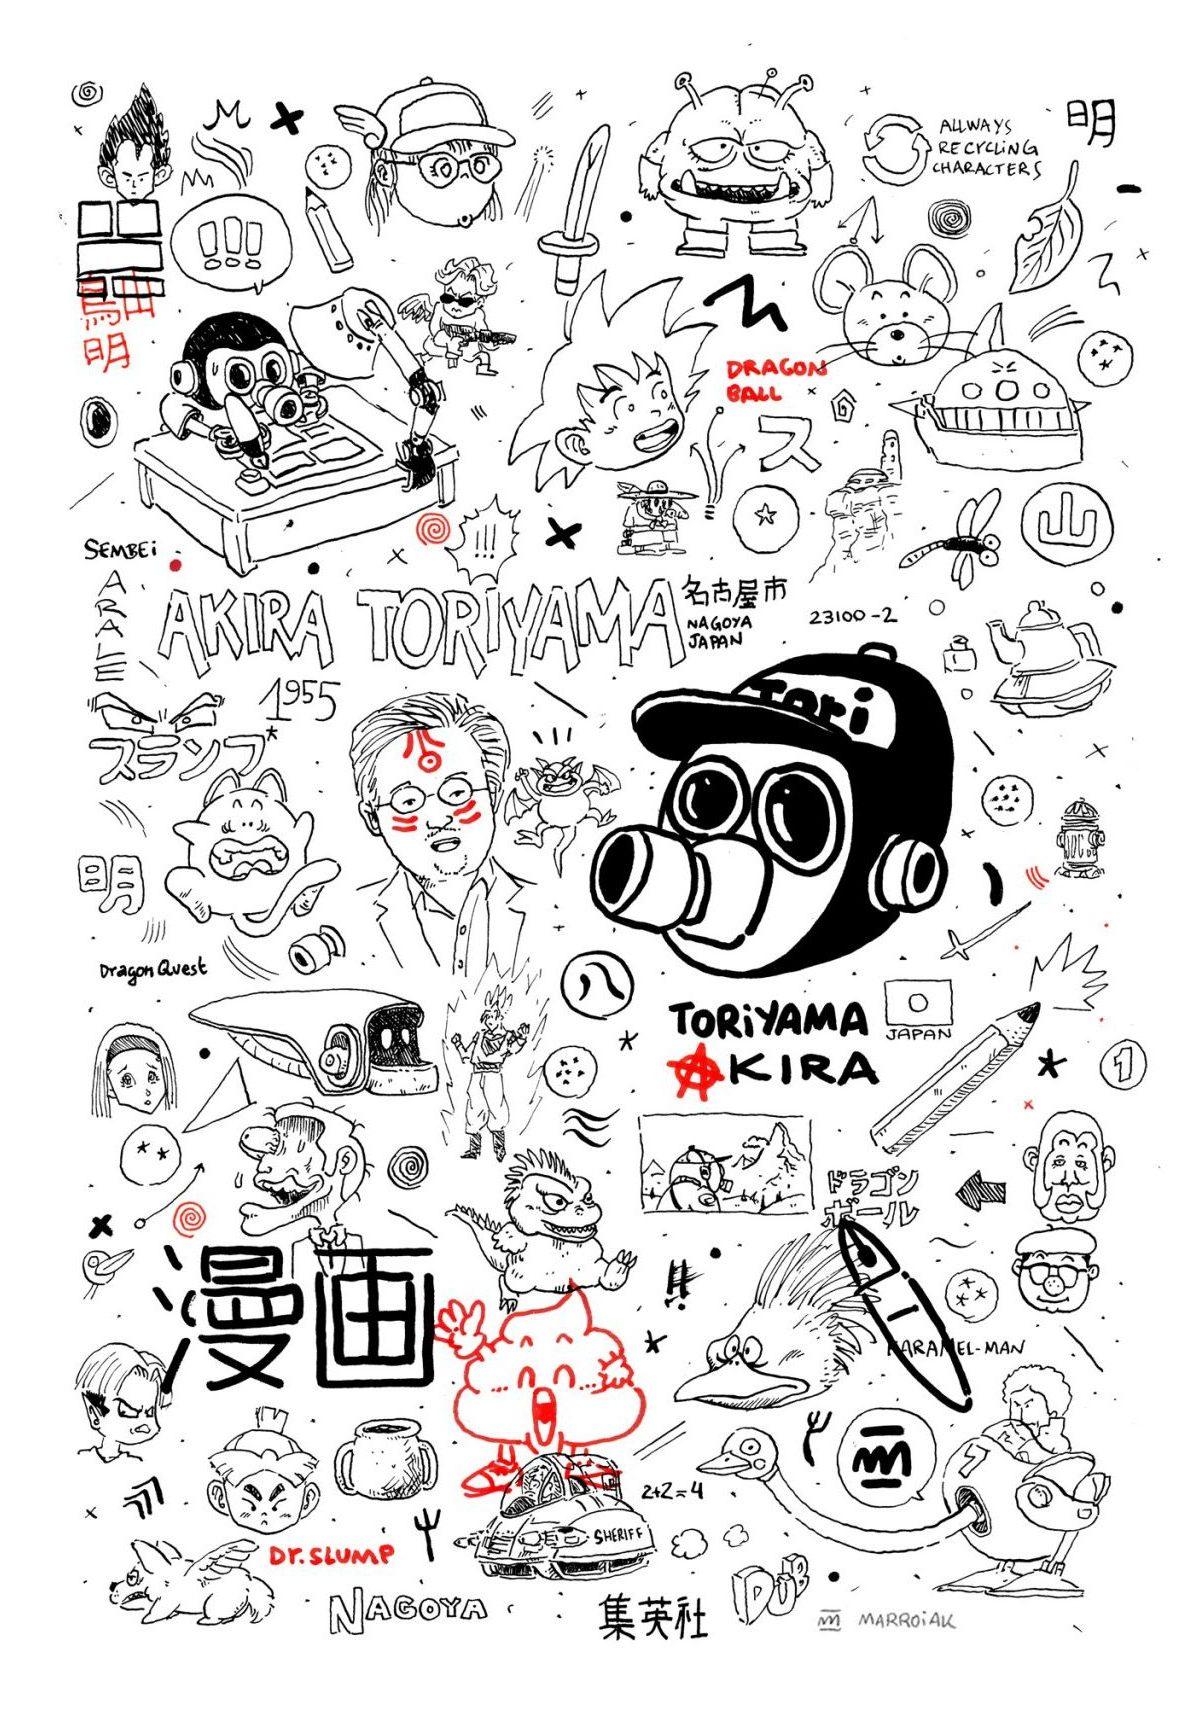 Dibujo con un retrato psicológico del dibujante de manga japonés Akira Toriyama, autor de cómics como Dragon Ball, Dr, Slump, Dragon Quest y muchos otros. Ilustración